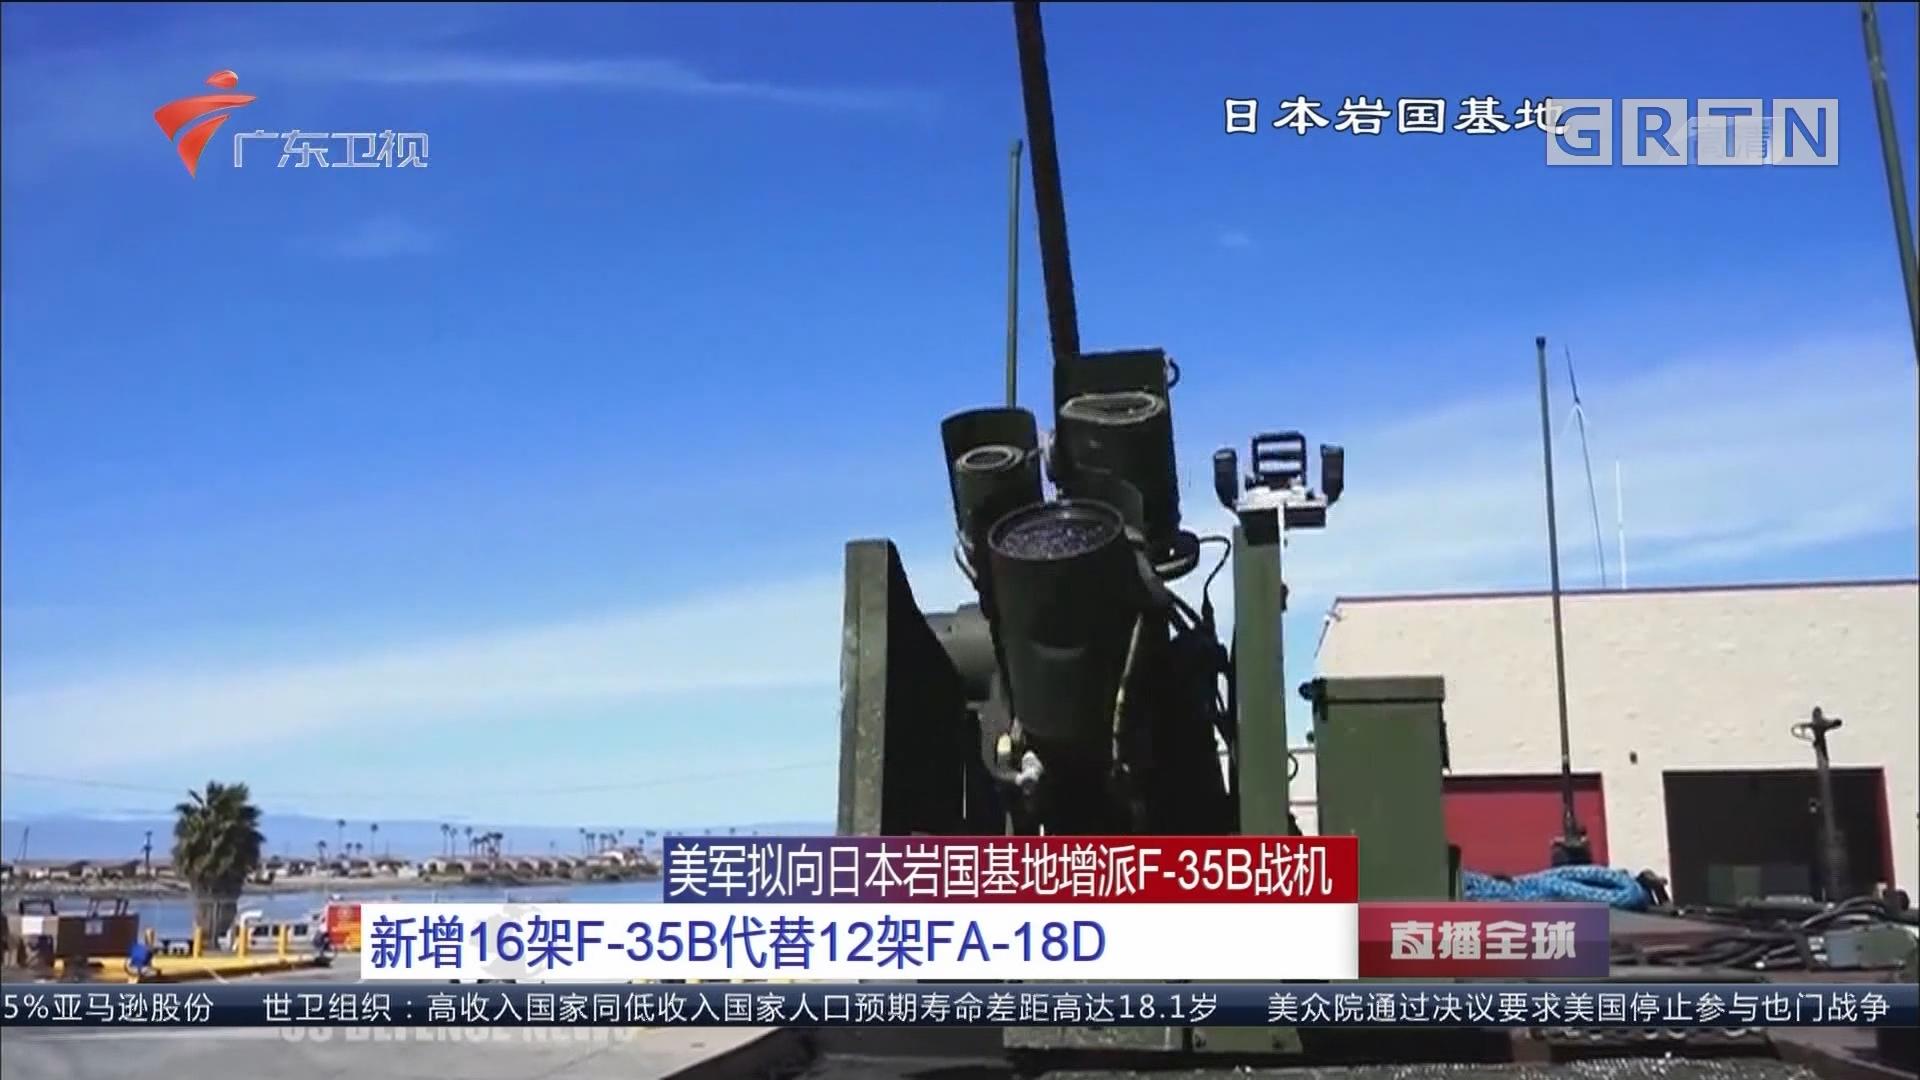 美军拟向日本岩国基地增派F-35B战机:新增16架F-35B代替12架FA-18D